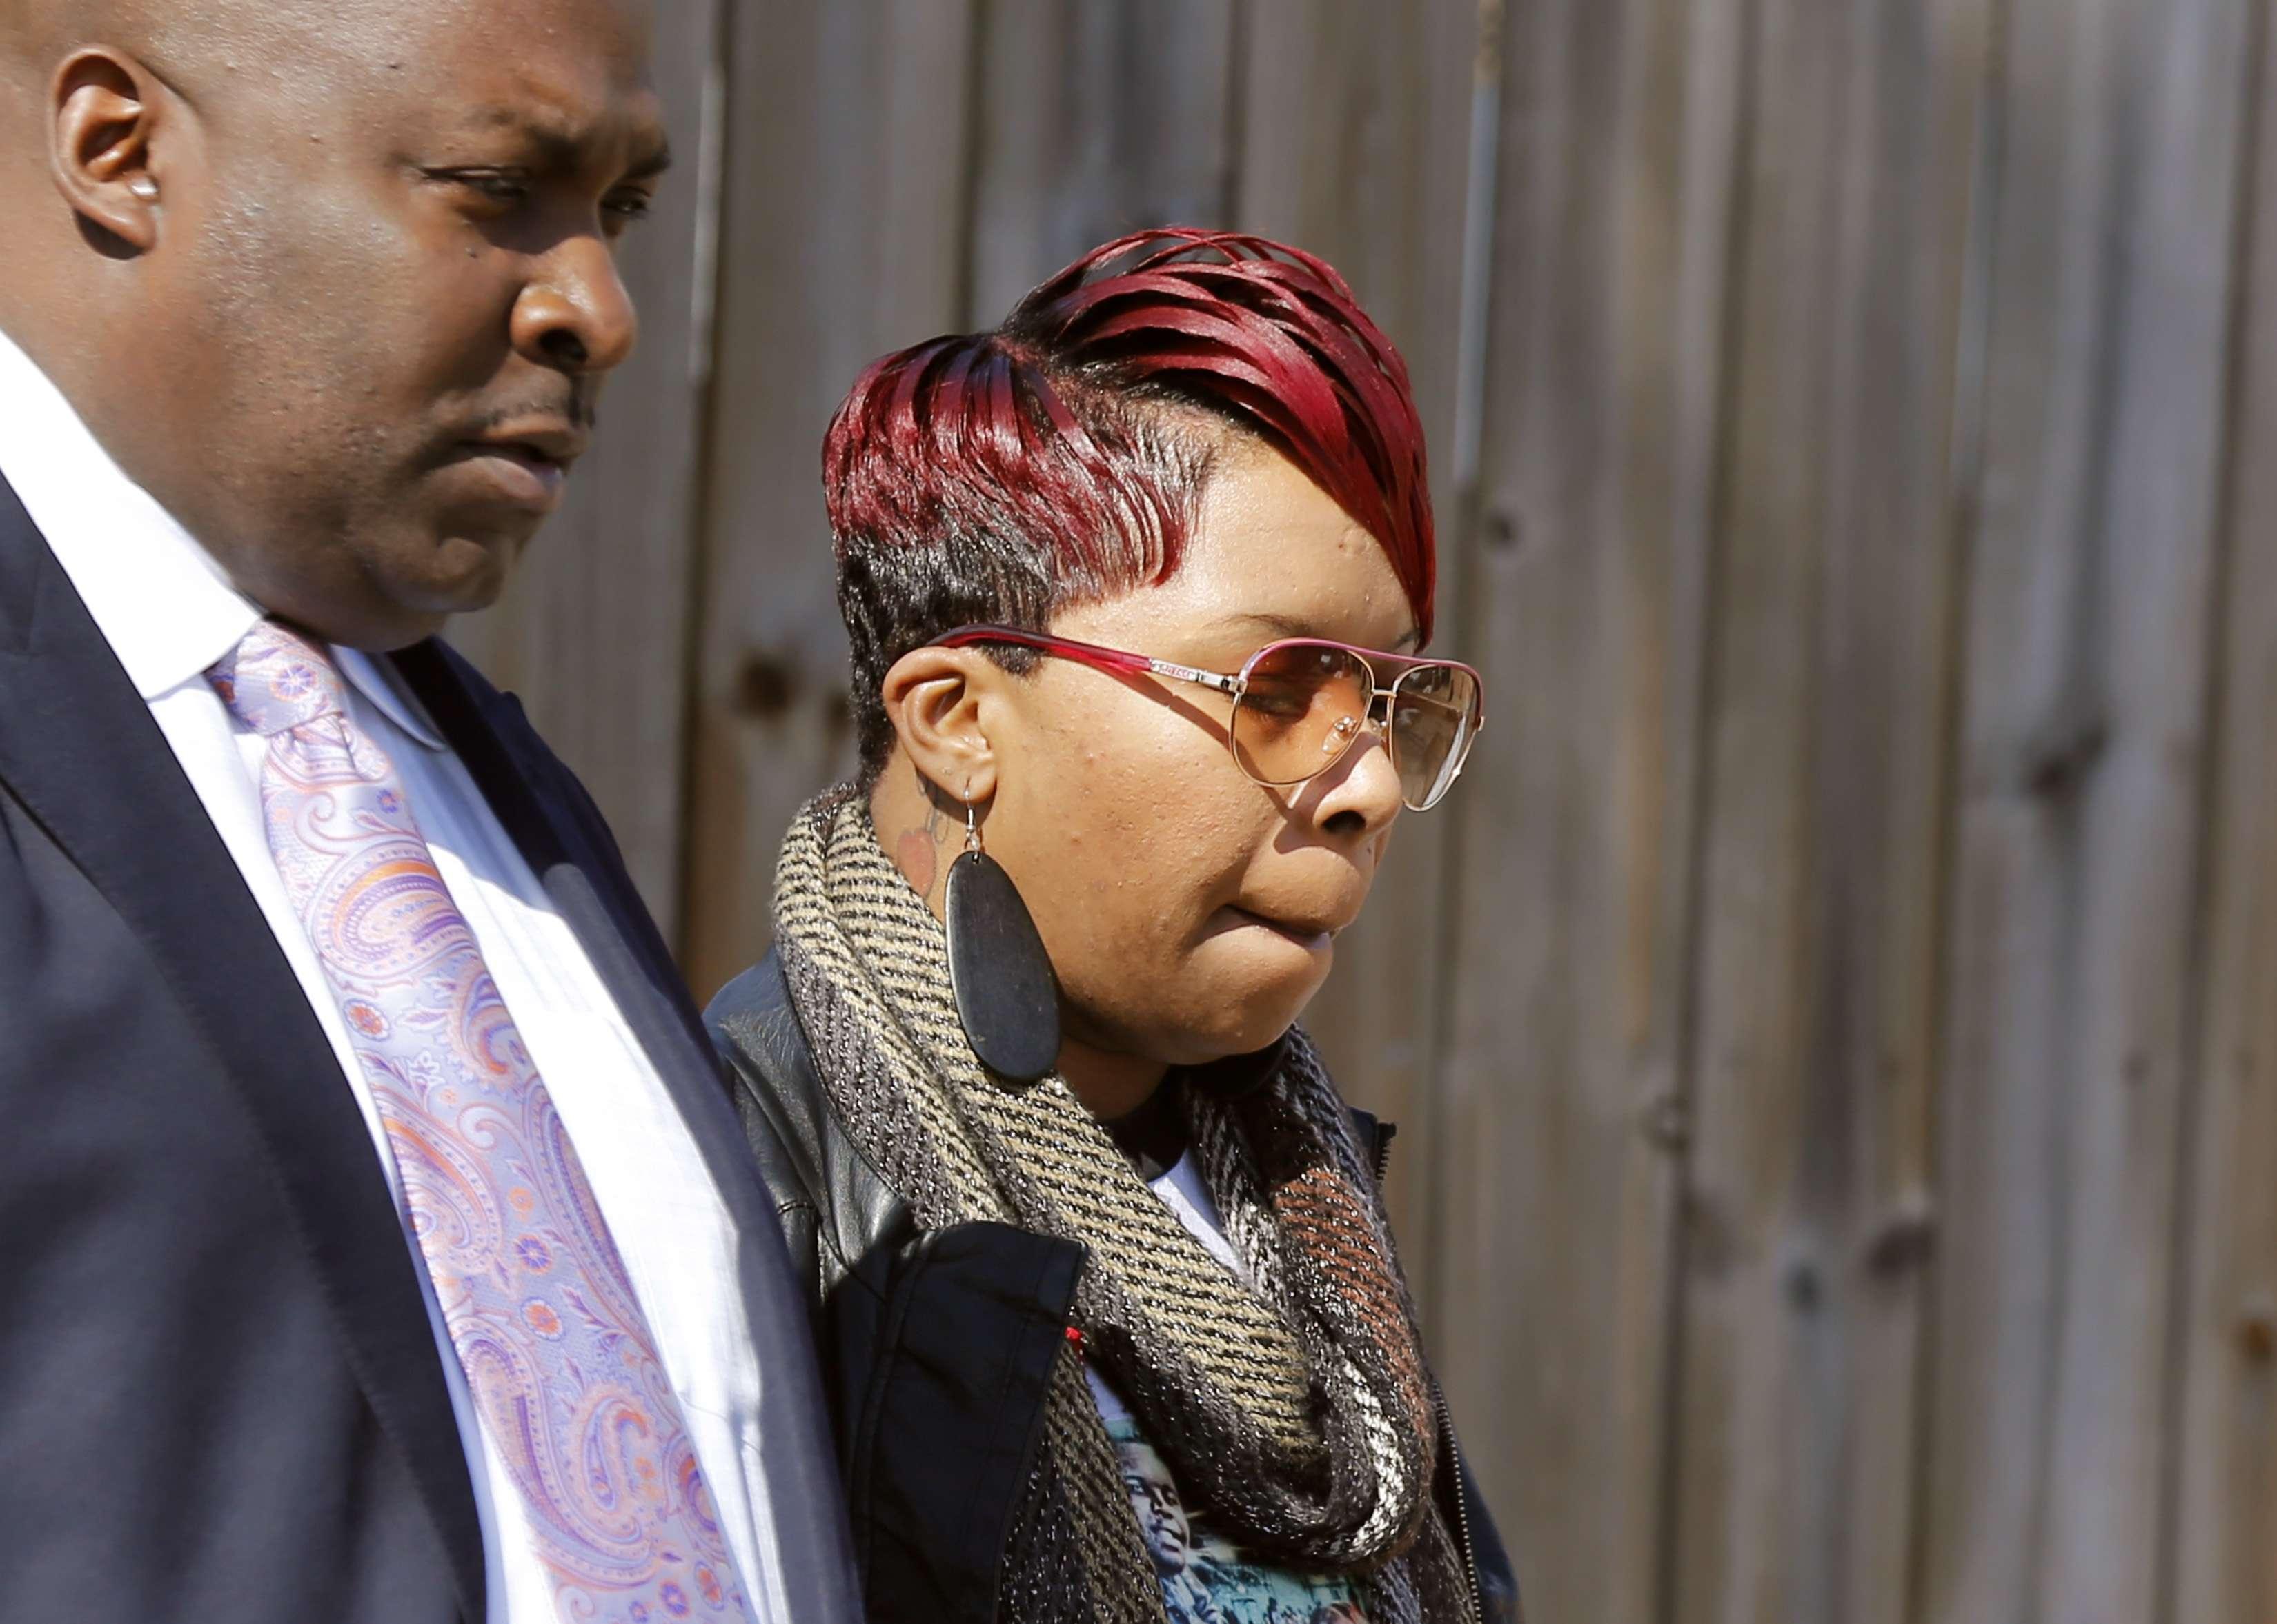 Lesley McSpadden, madre de Michael Brown Jr., sale de una conferencia de prensa con el abogado de la familia Daryl Parks, este jueves 5 de marzo del 2015. Foto: AP en español